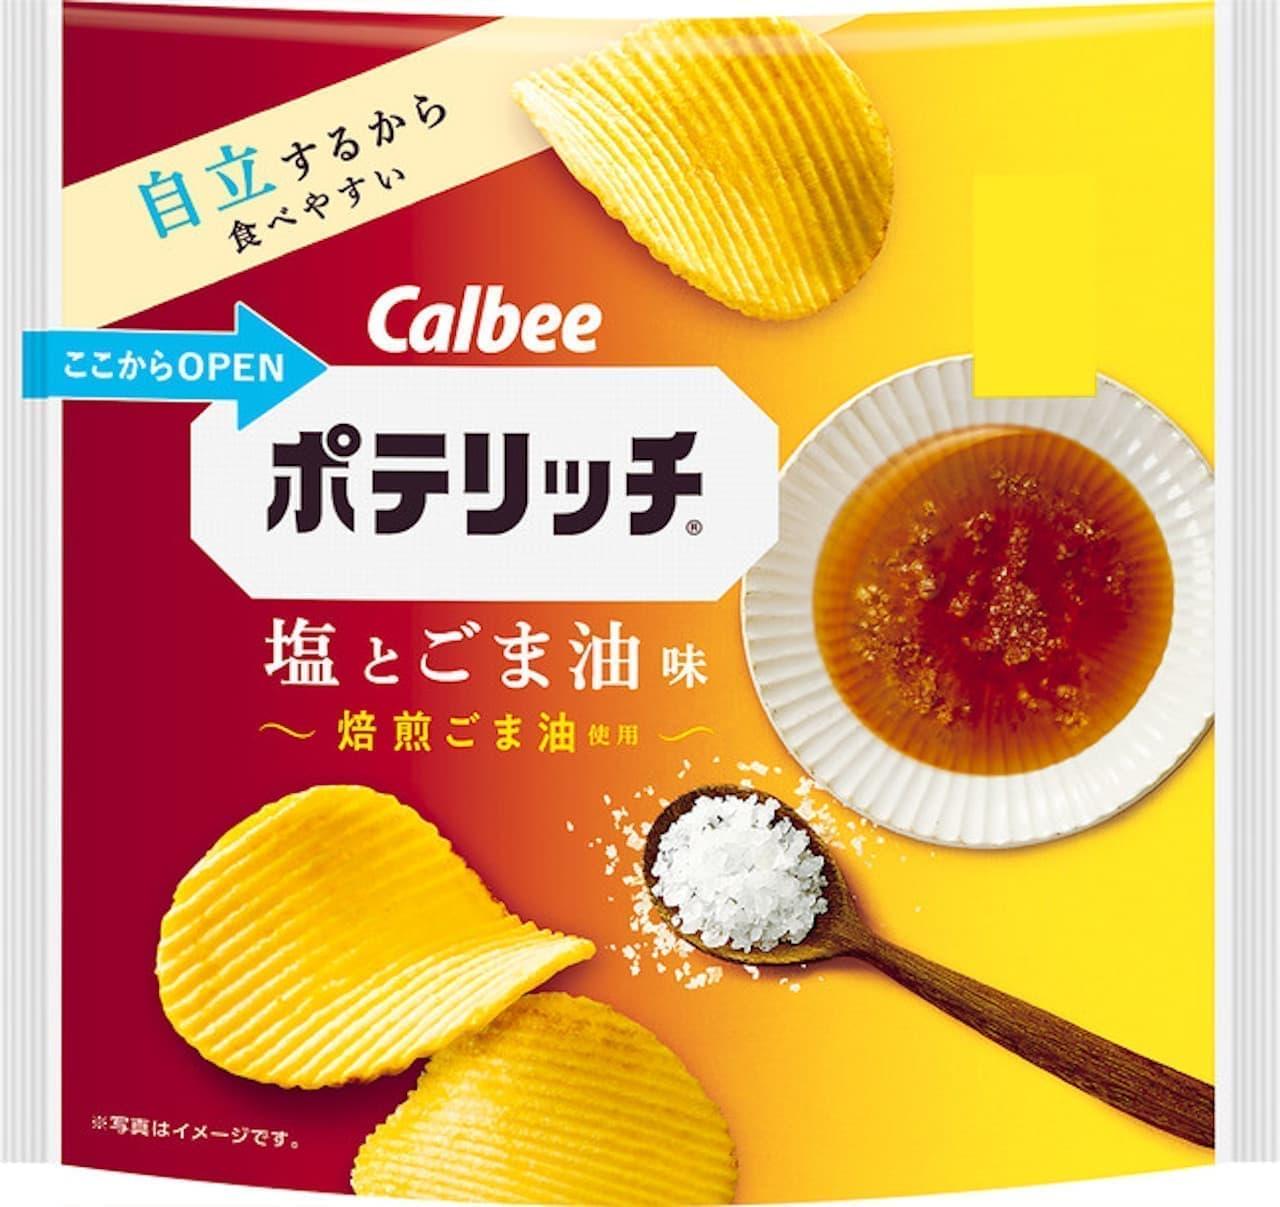 コンビニ限定「ポテリッチ 塩とごま油味」期間限定